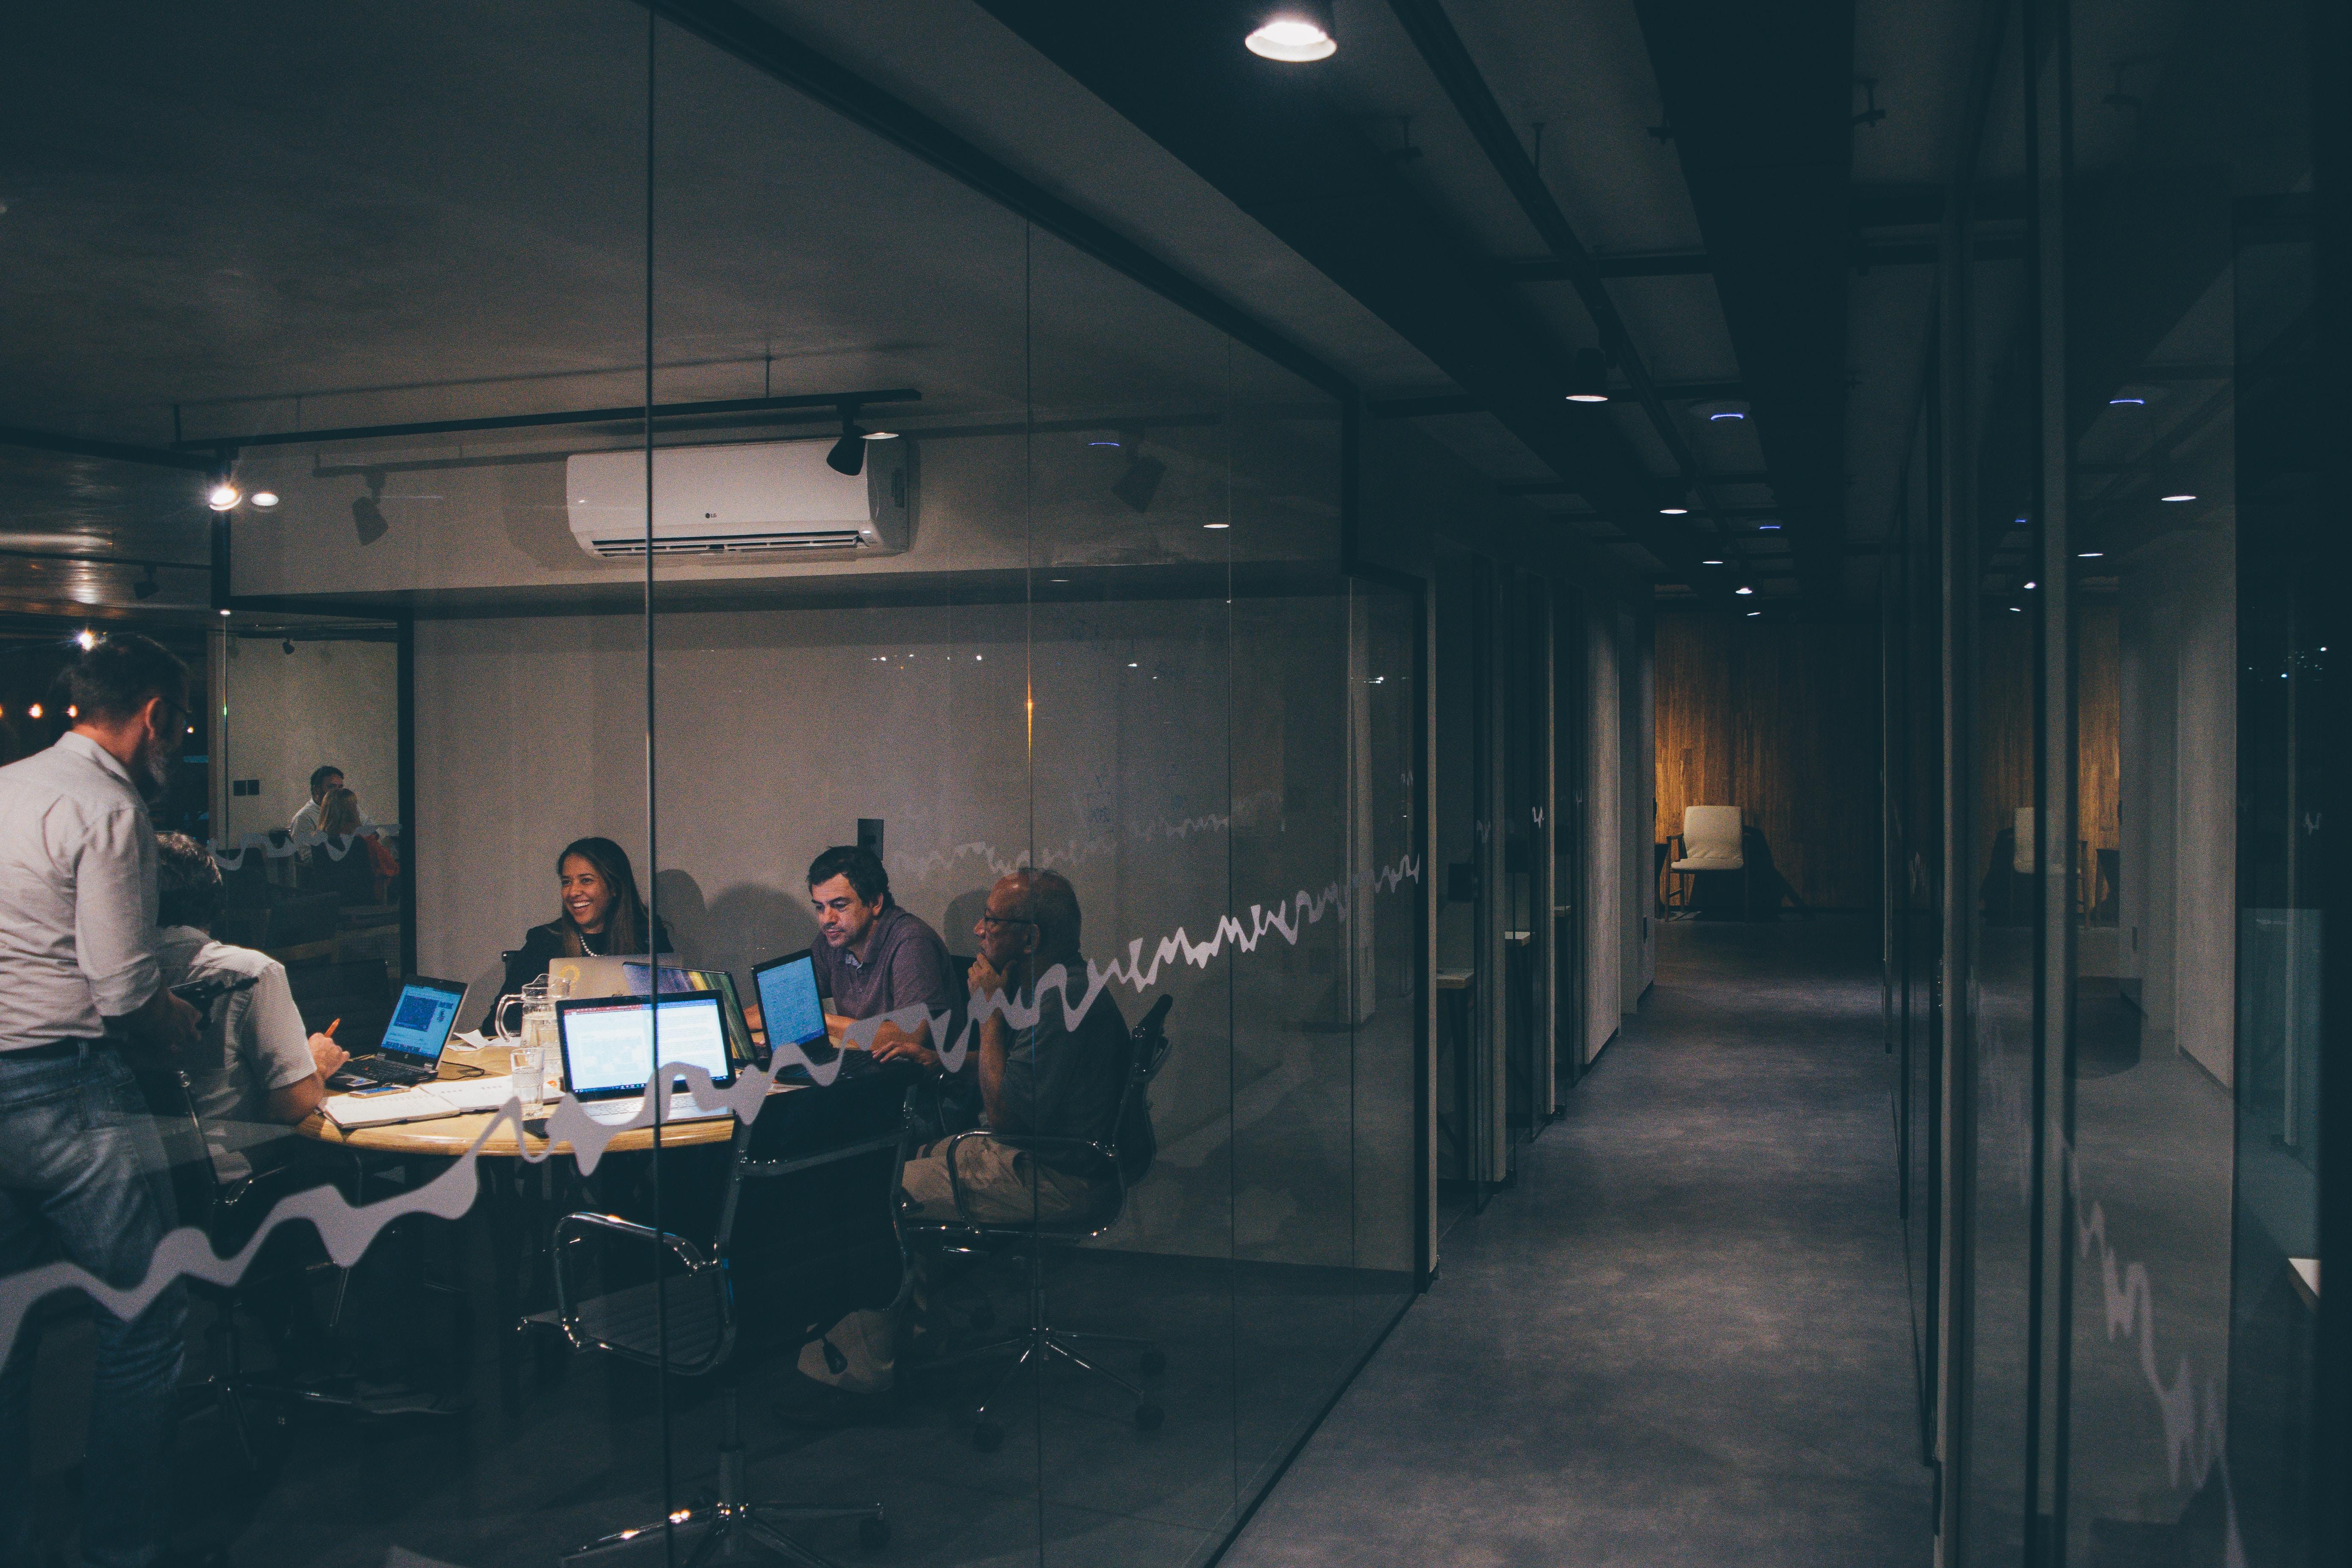 ¿Cuáles son las claves para invertir con éxito en una startup?